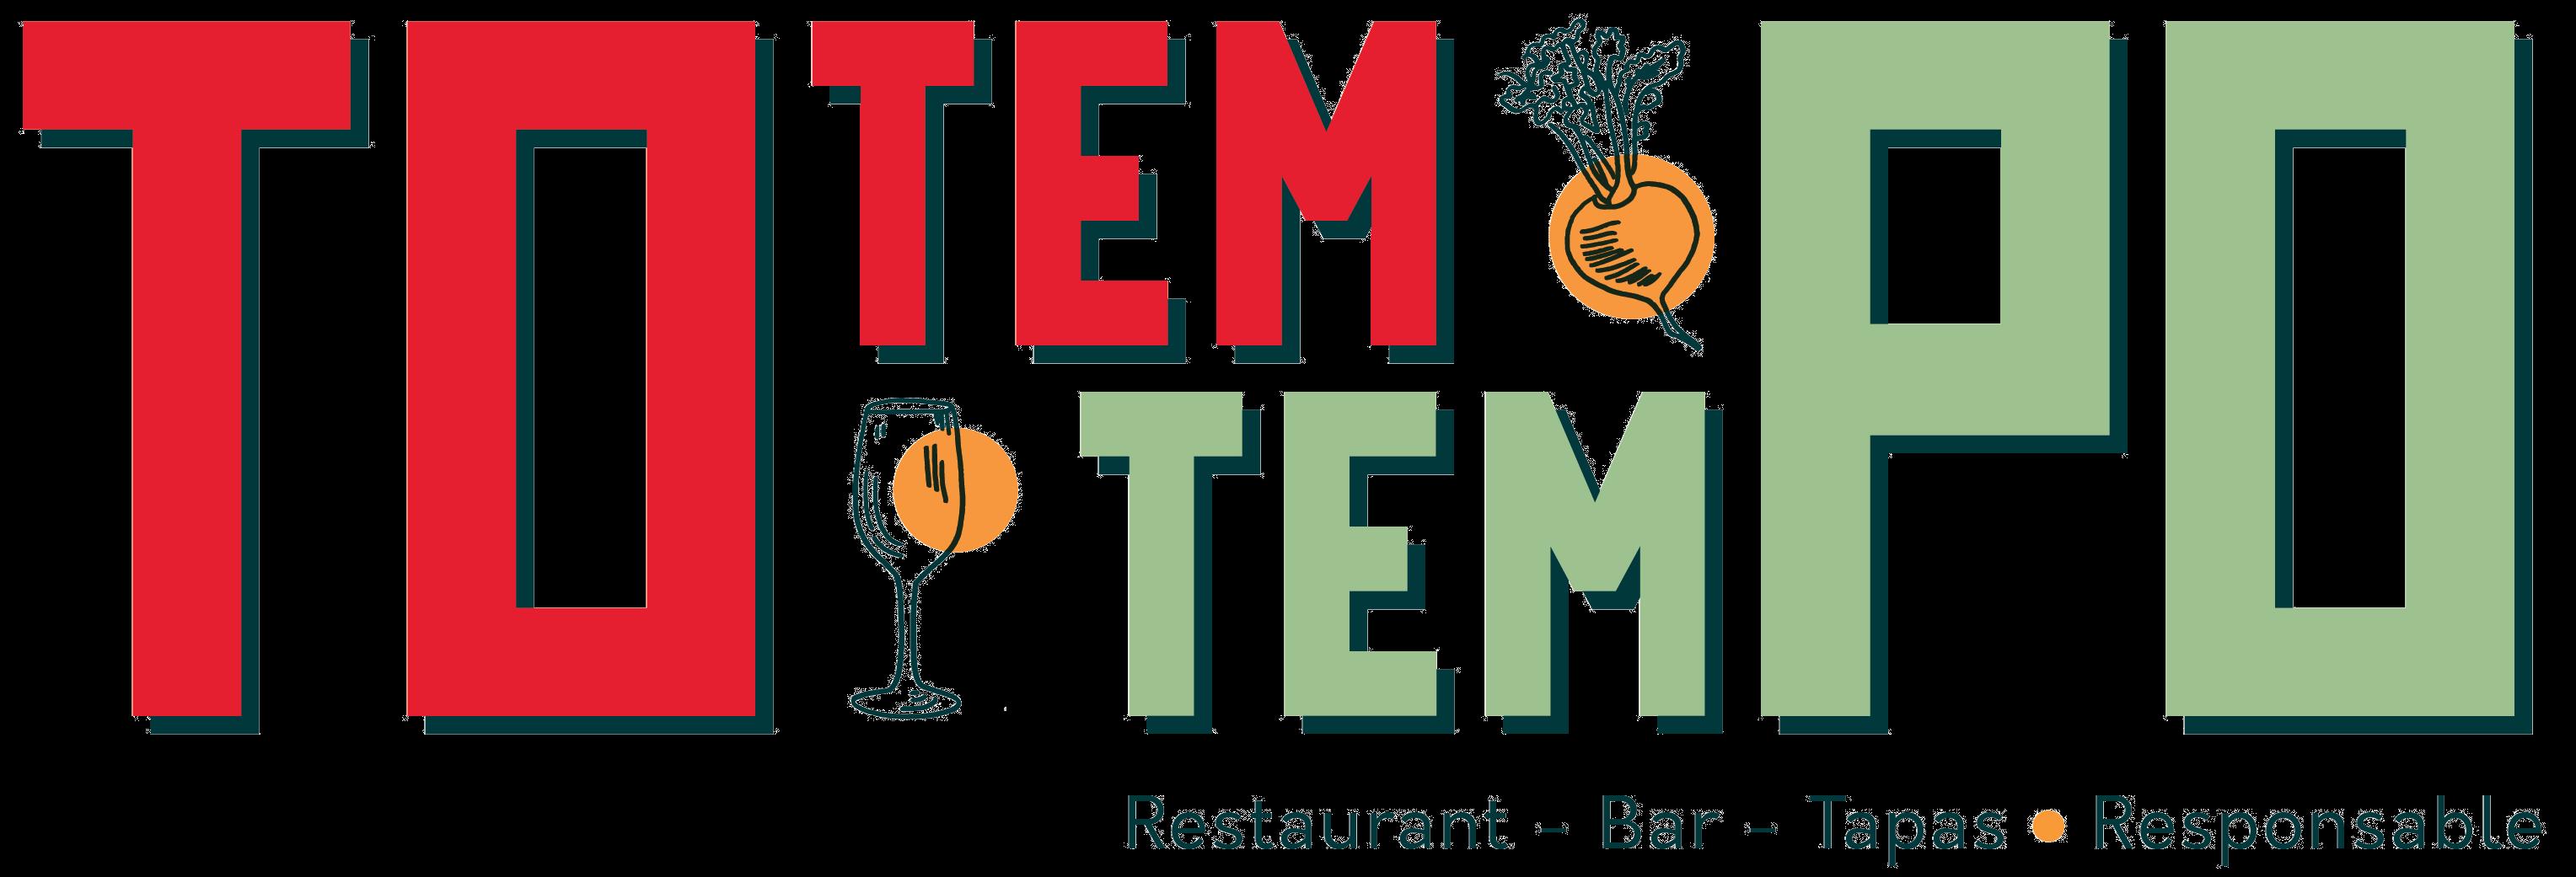 Totem & Tempo, Restaurant Bar Lyon, Responsable, tapas, convient vegetarien, biere lyon, apero, a emporter, livraison